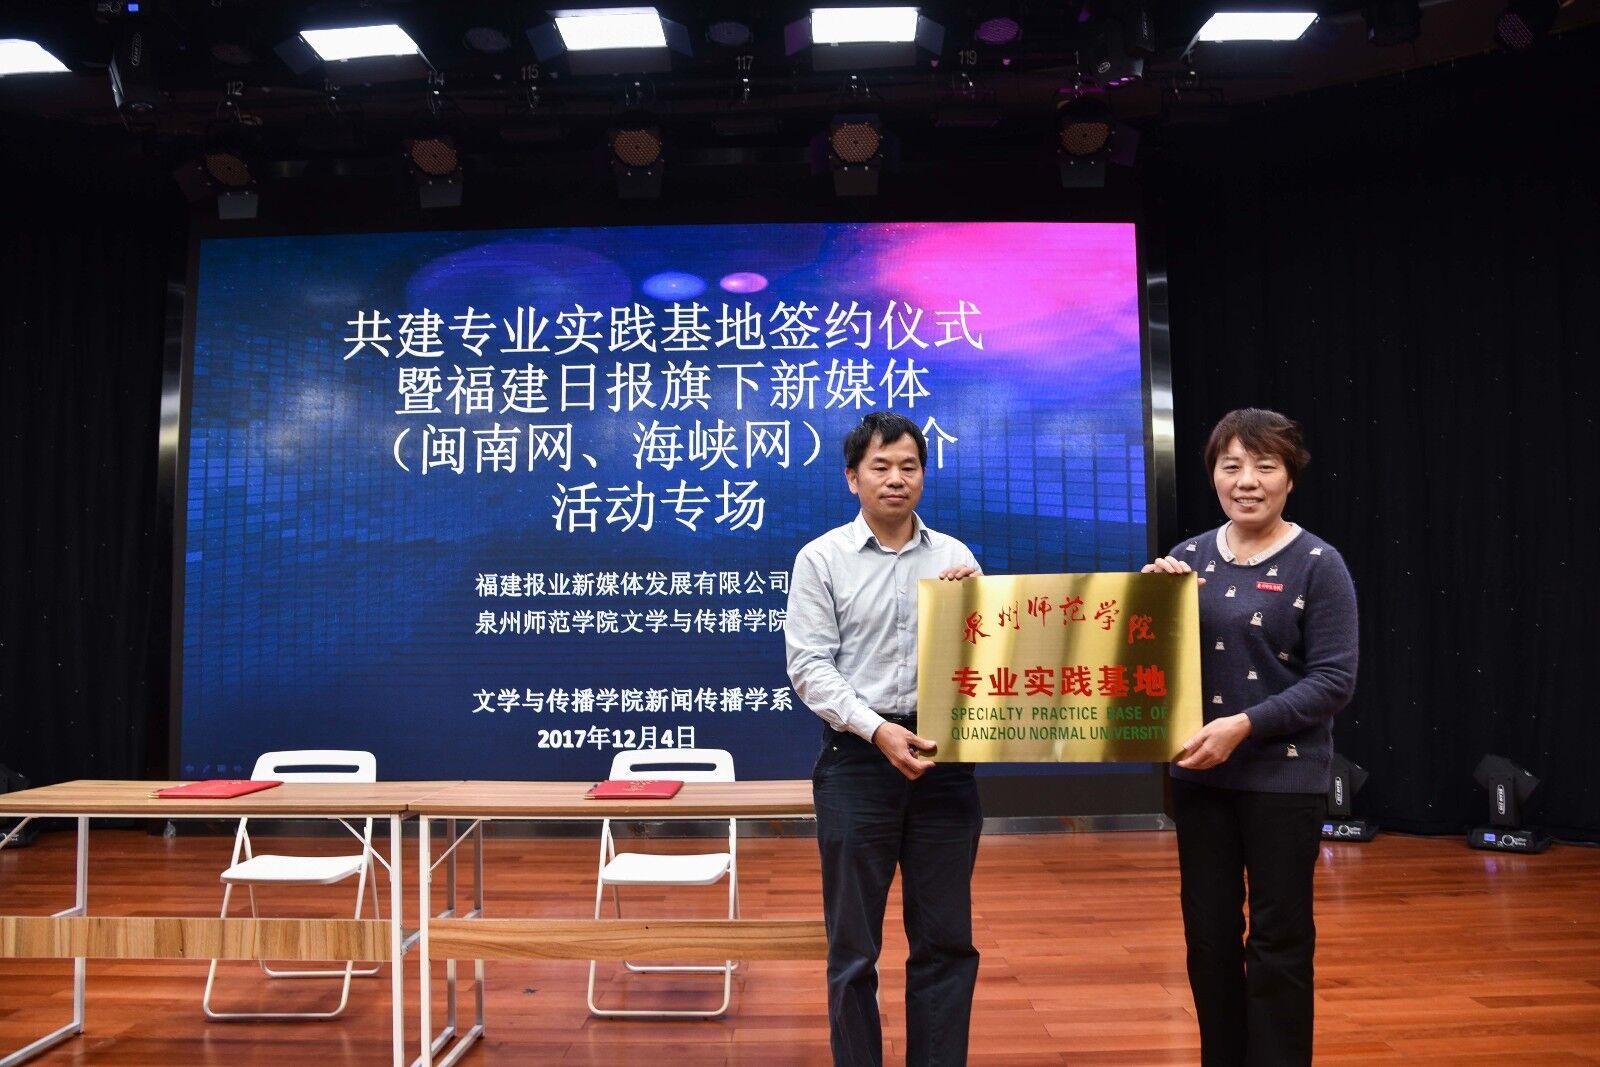 福建报业新媒体与泉州师院文传学院共建专业实践基地